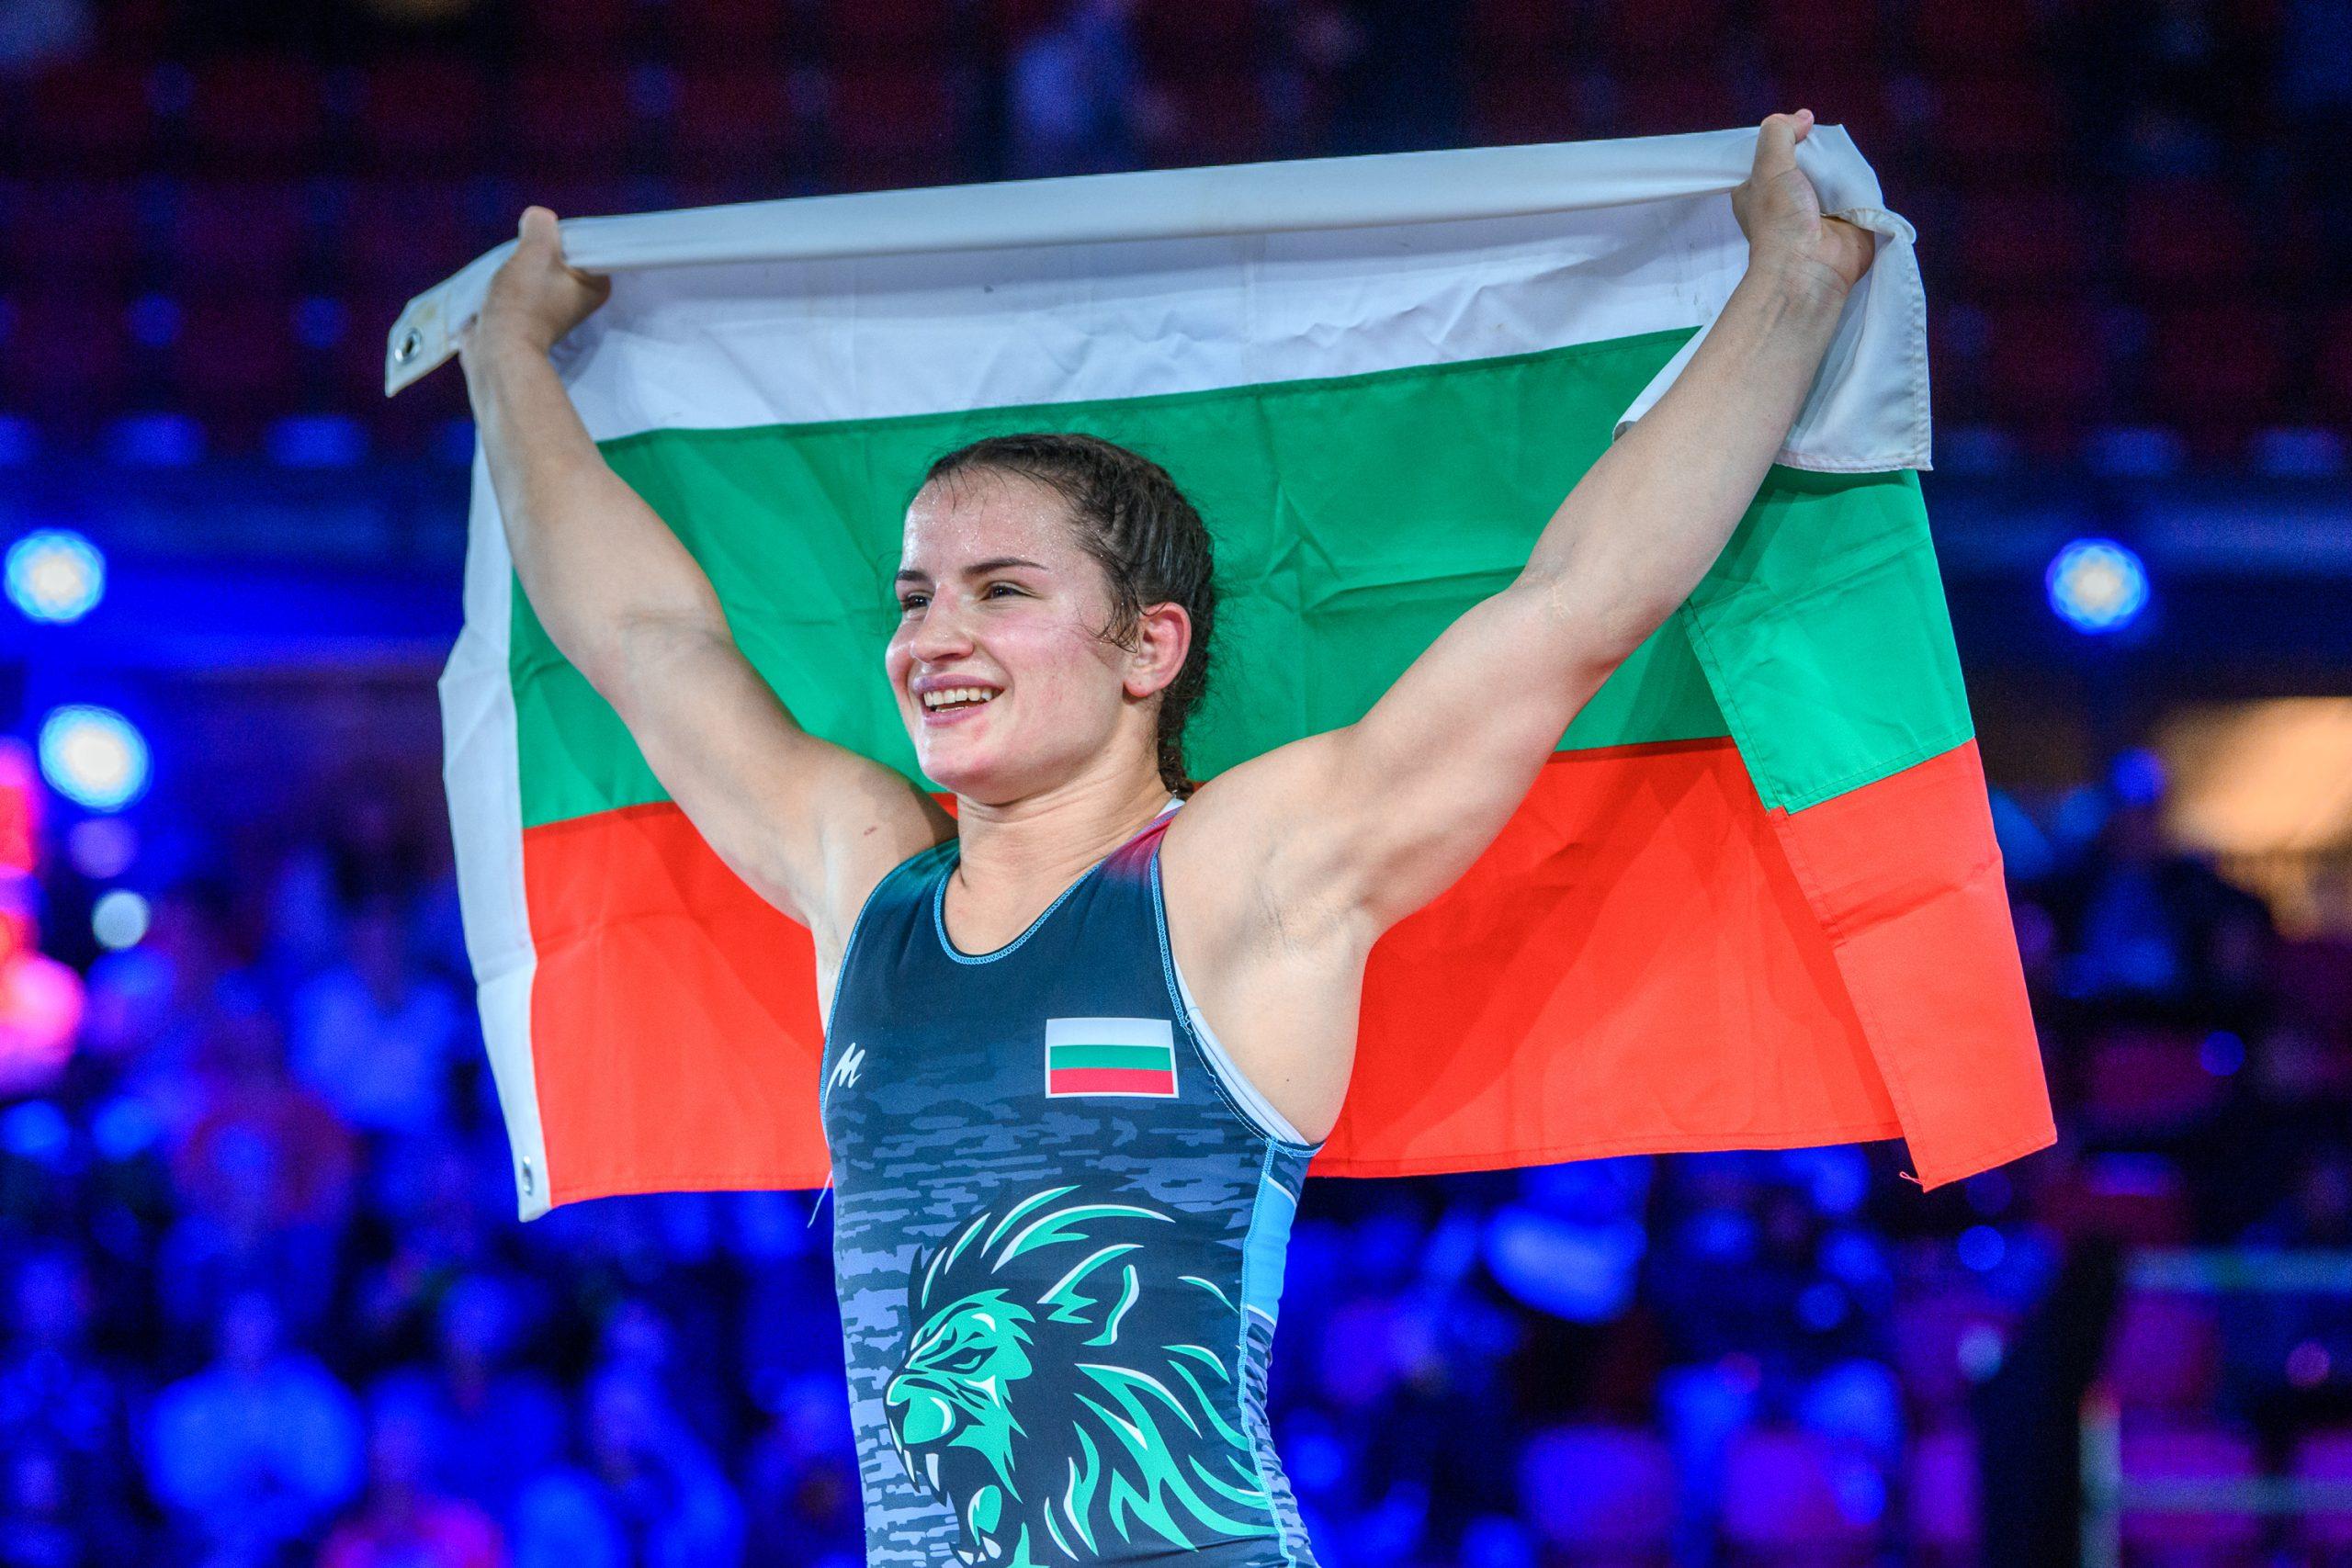 България влезе в топ 10 по медали на Световното по борба (СТАТИСТИКА)